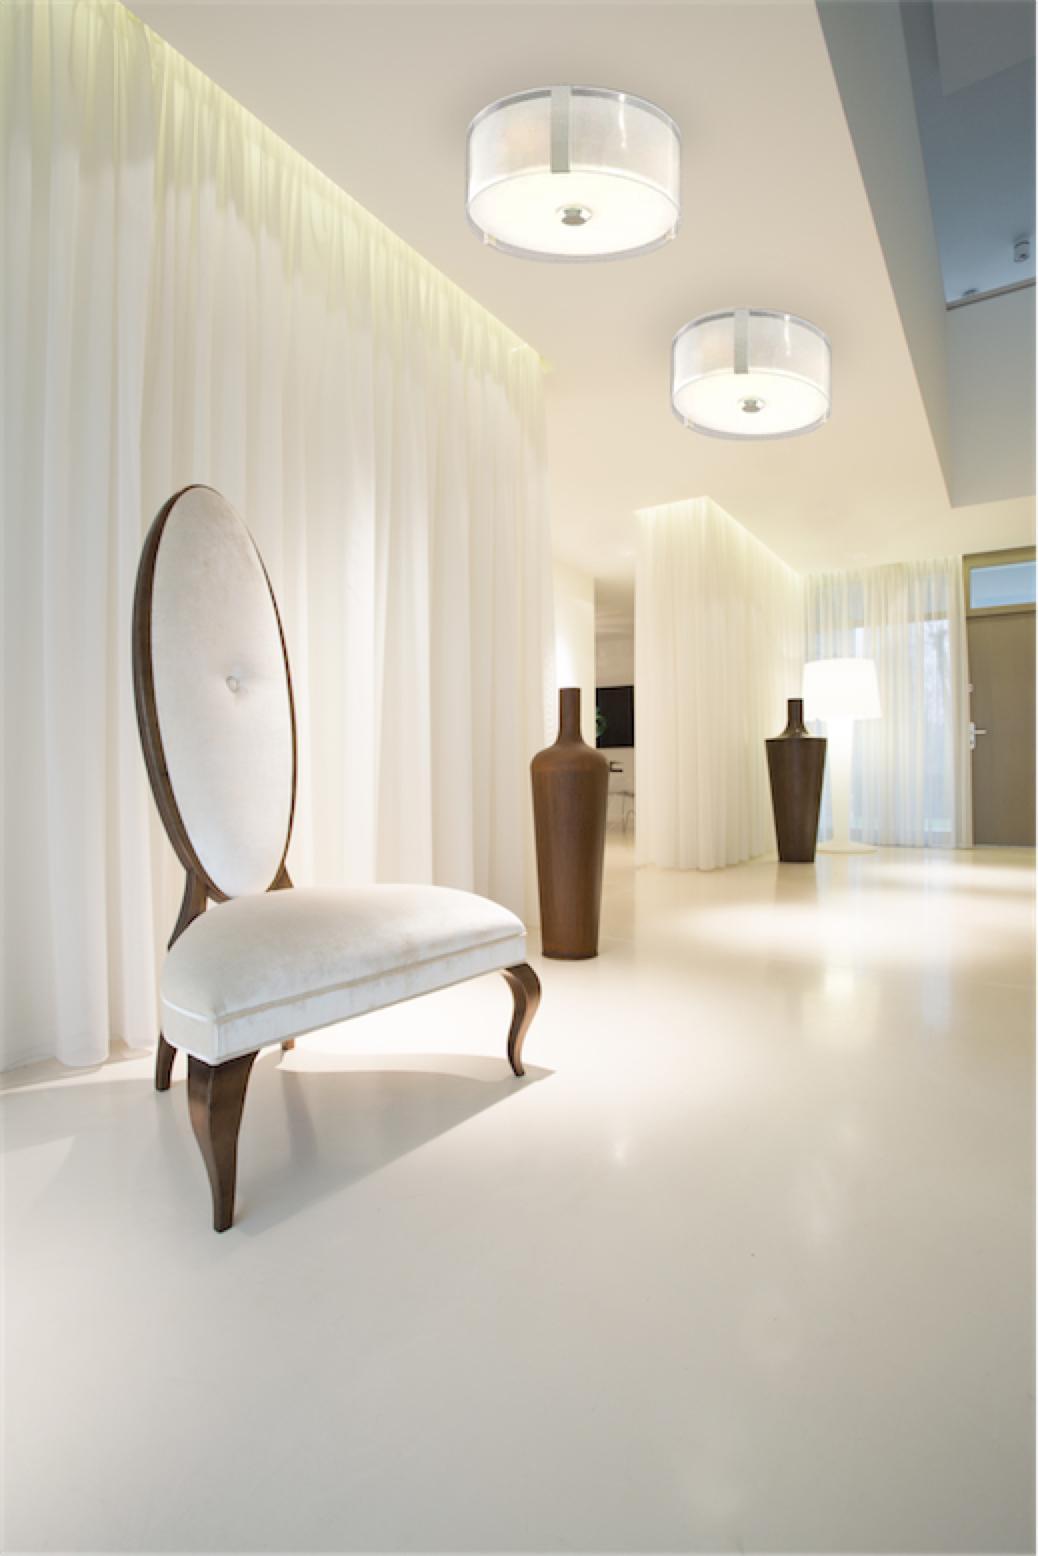 Luminaire semi-plafonnier contemporain ZURICH Dvi DVP14596CH-SS-OP dans une chambre avec fauteuil luxueux et rideaux blancs